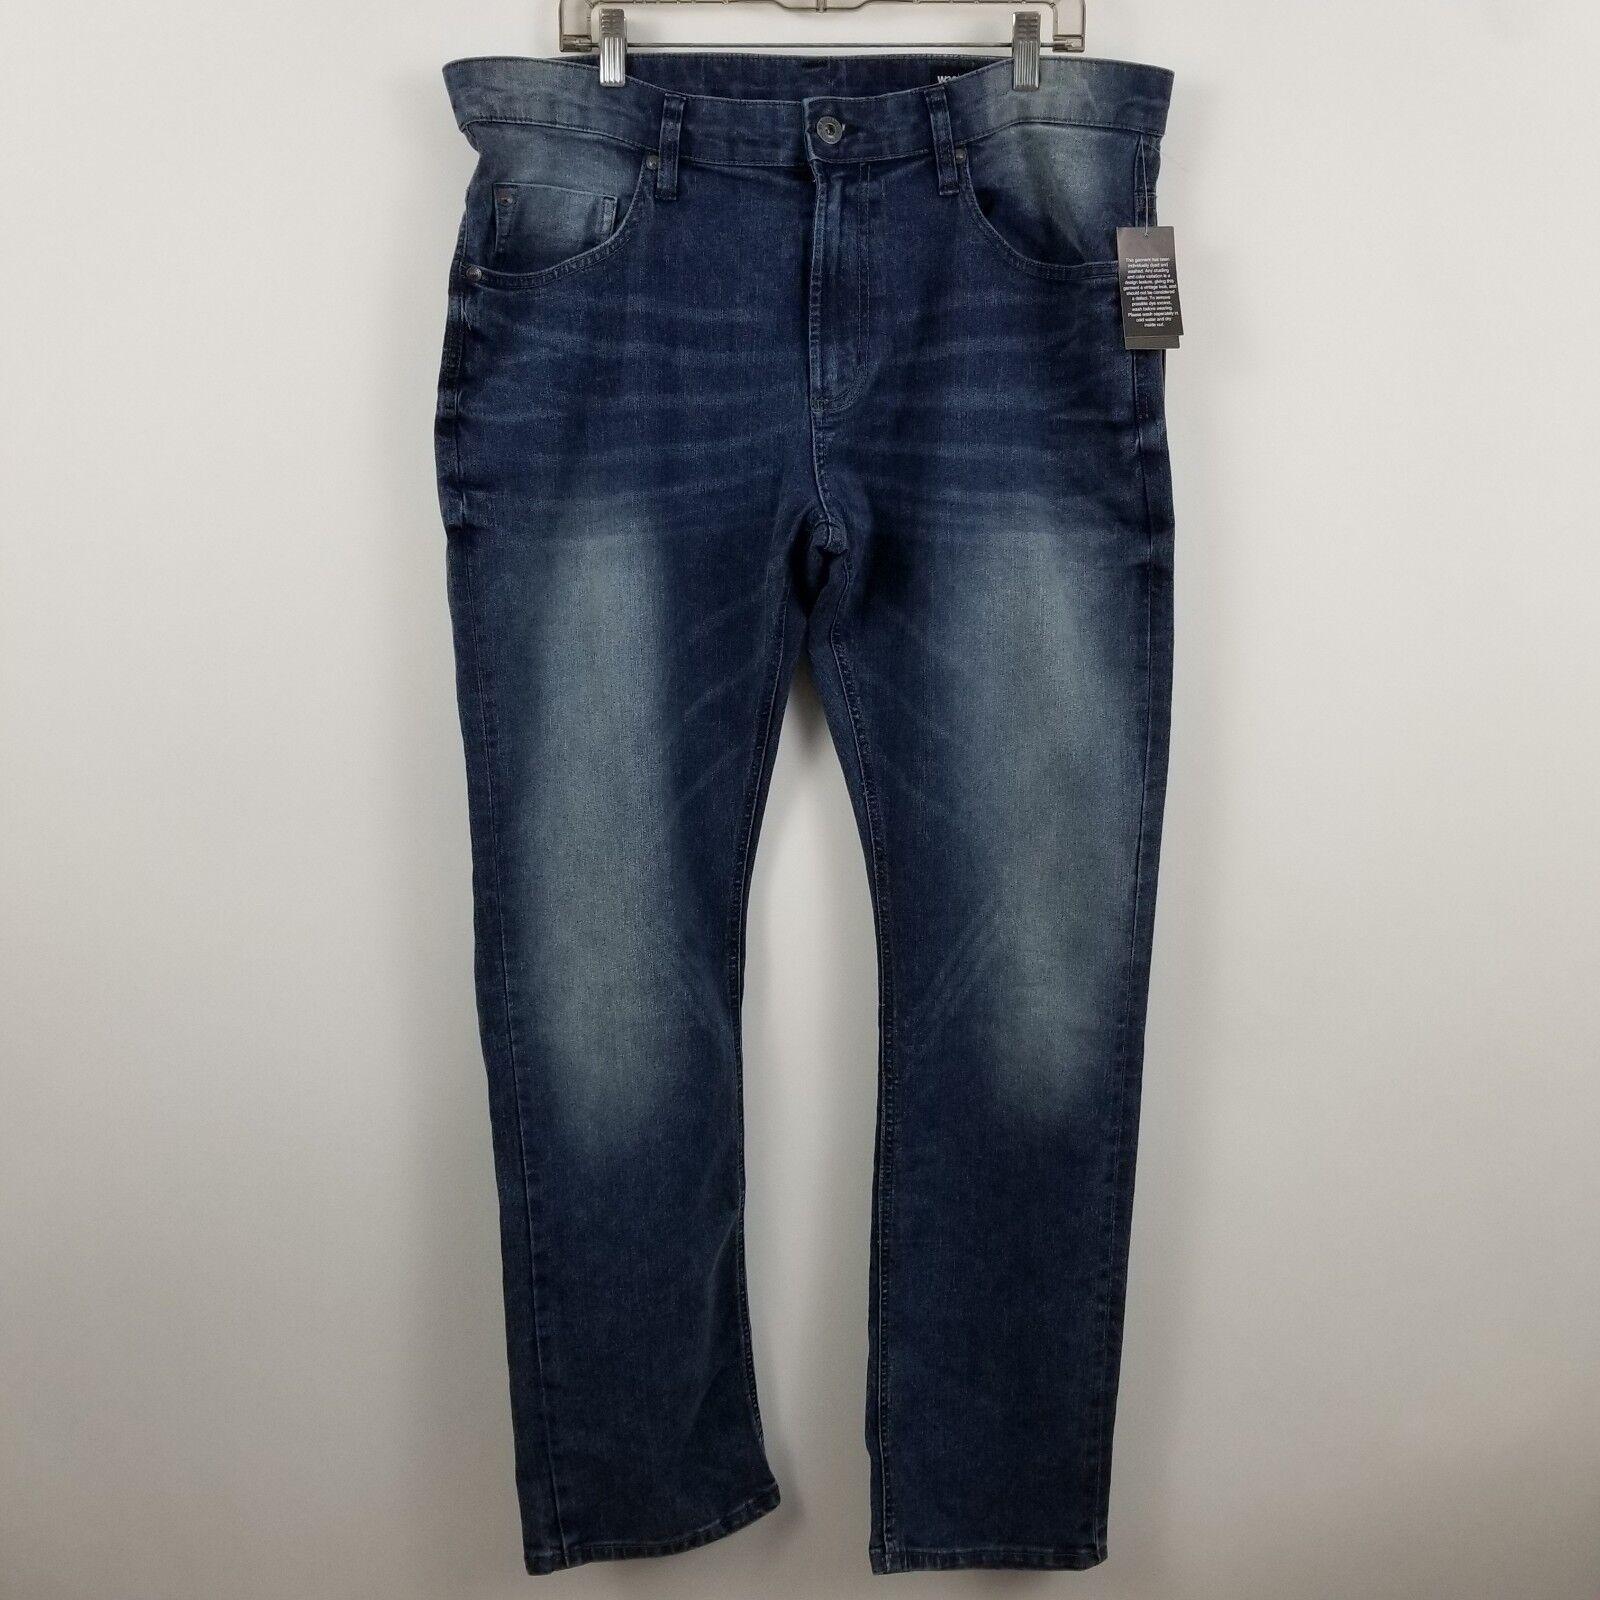 NWT Buffalo David Bitton Men's Ash-X Basic Skinny Stretch bluee Jeans Sz 38 x 32